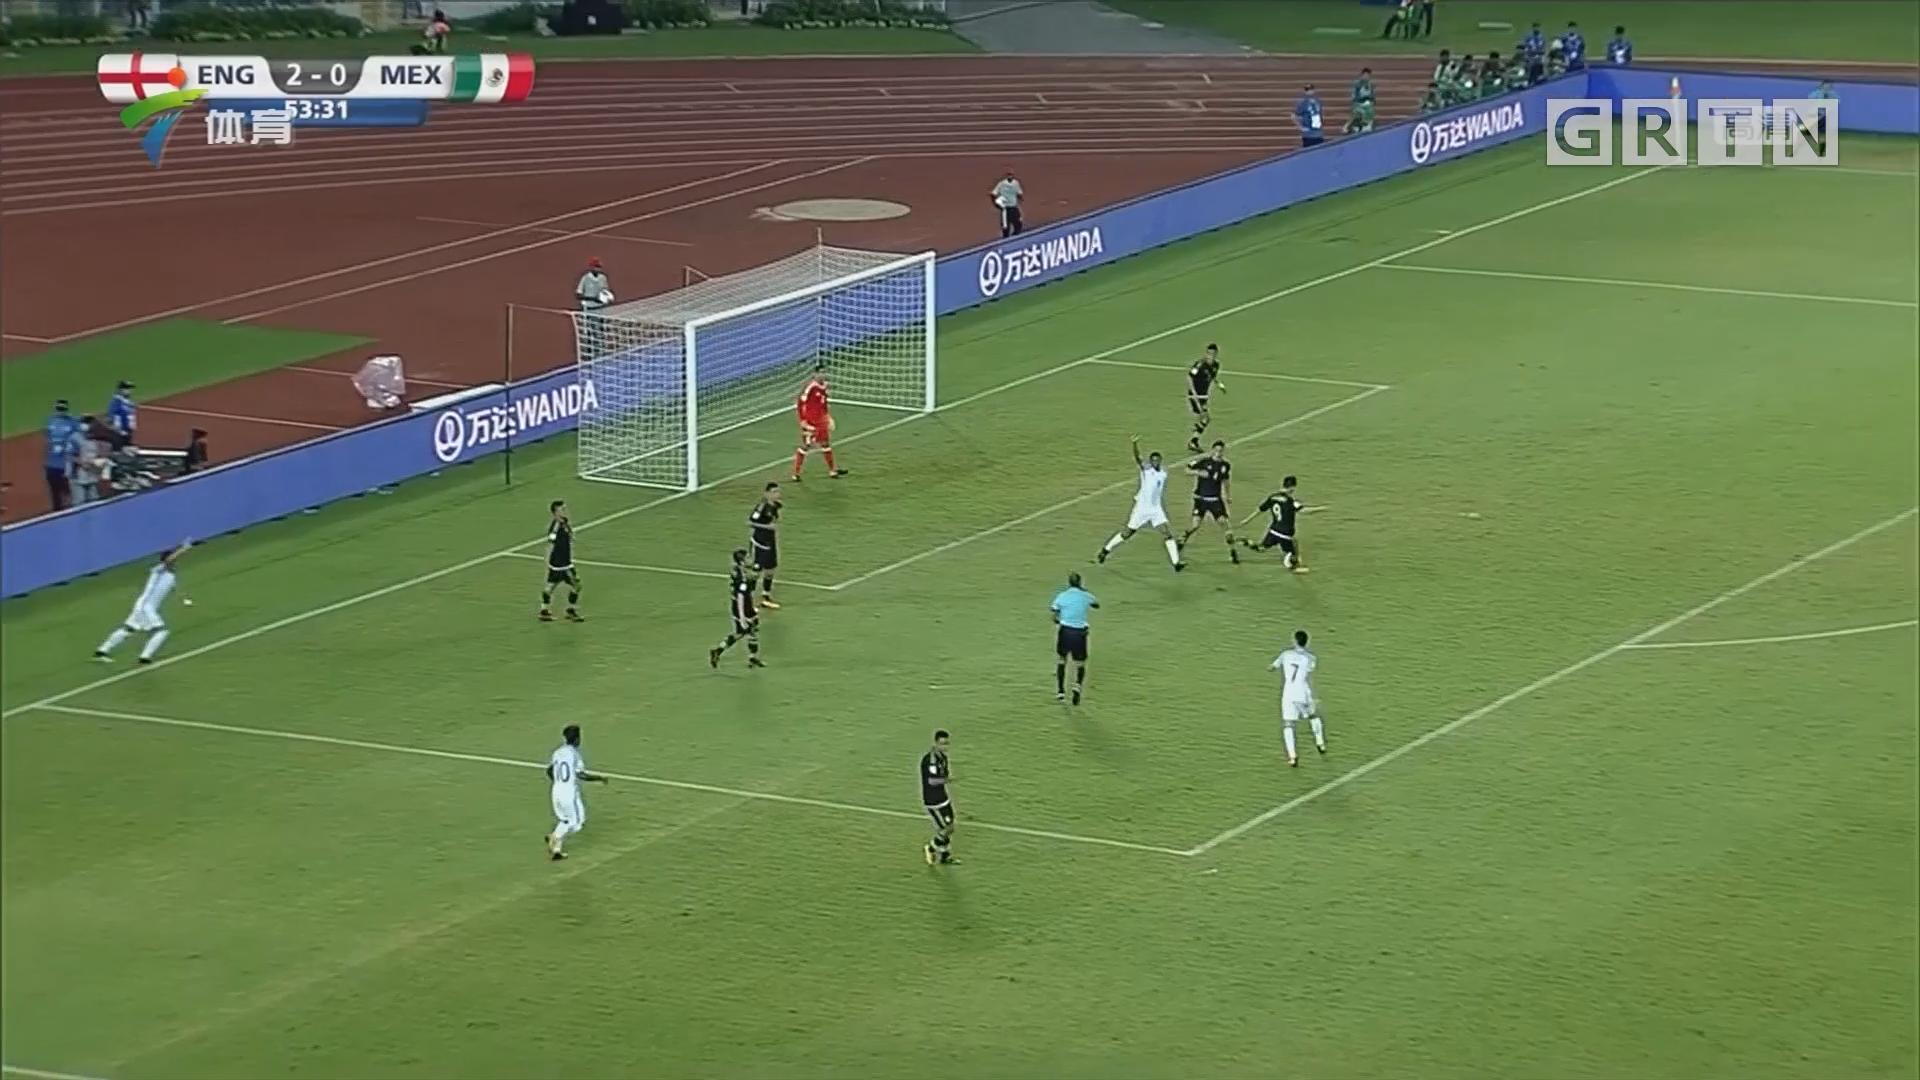 U17世界杯 英格兰险胜墨西哥